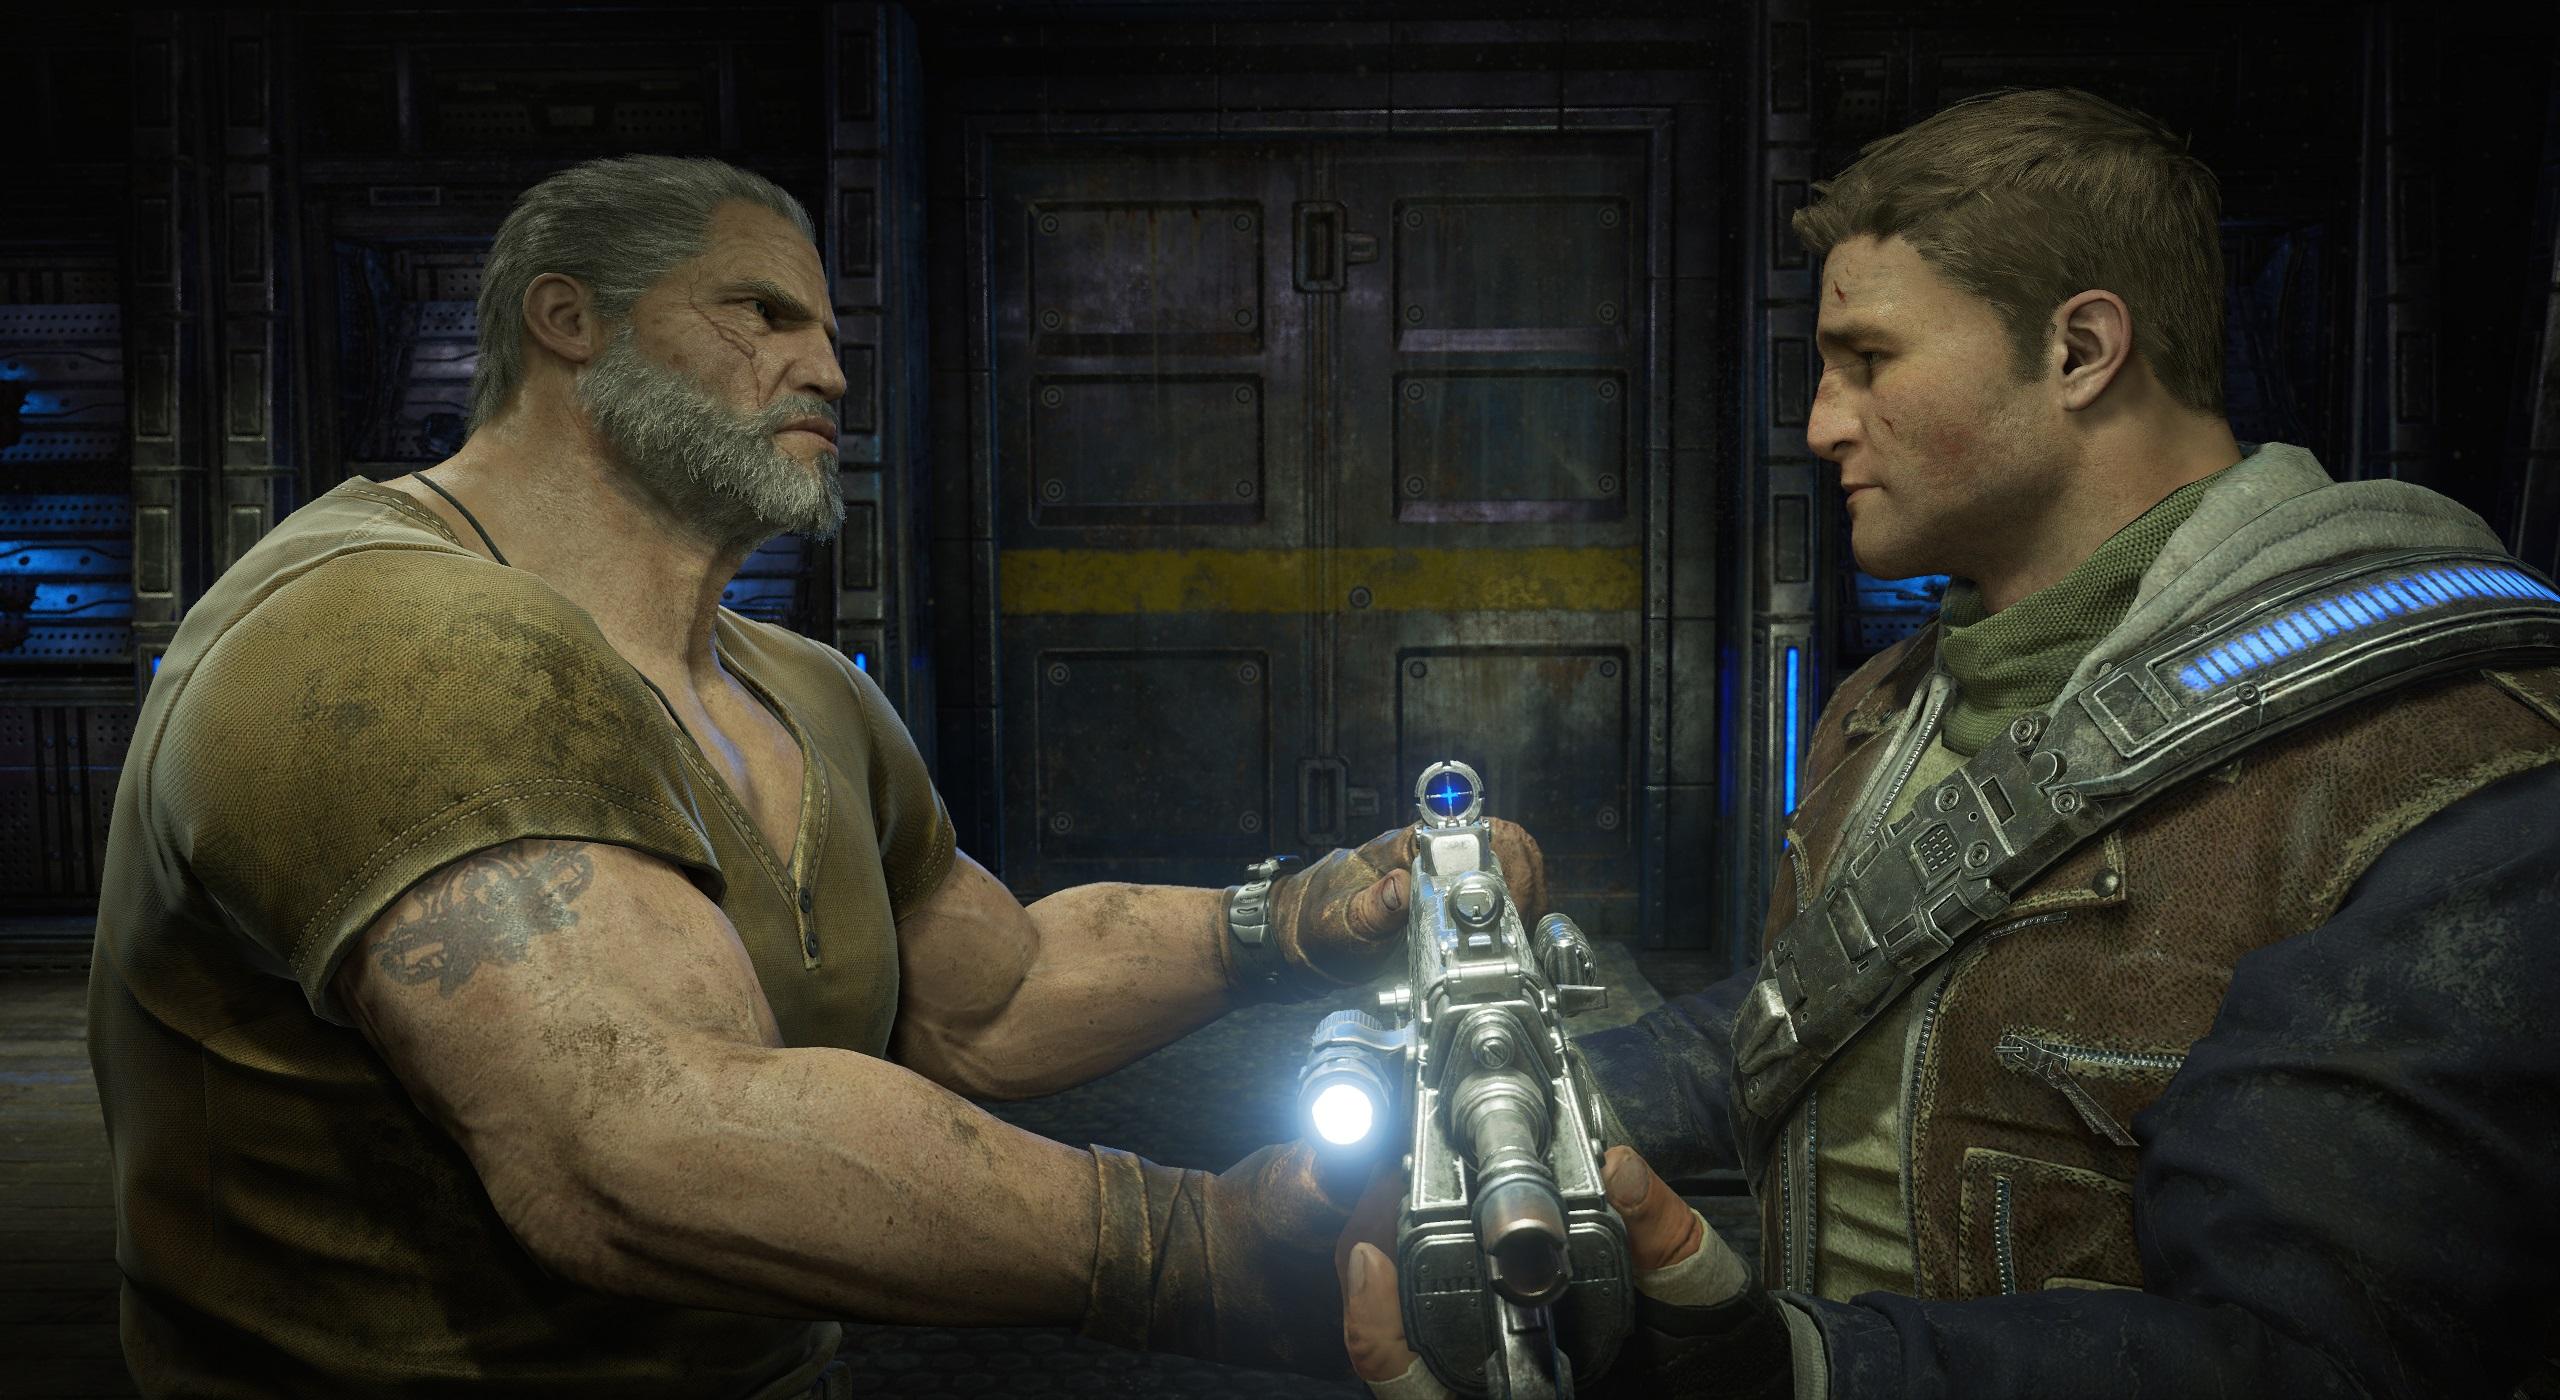 Marcus sender Lanceren videre til sønnen.